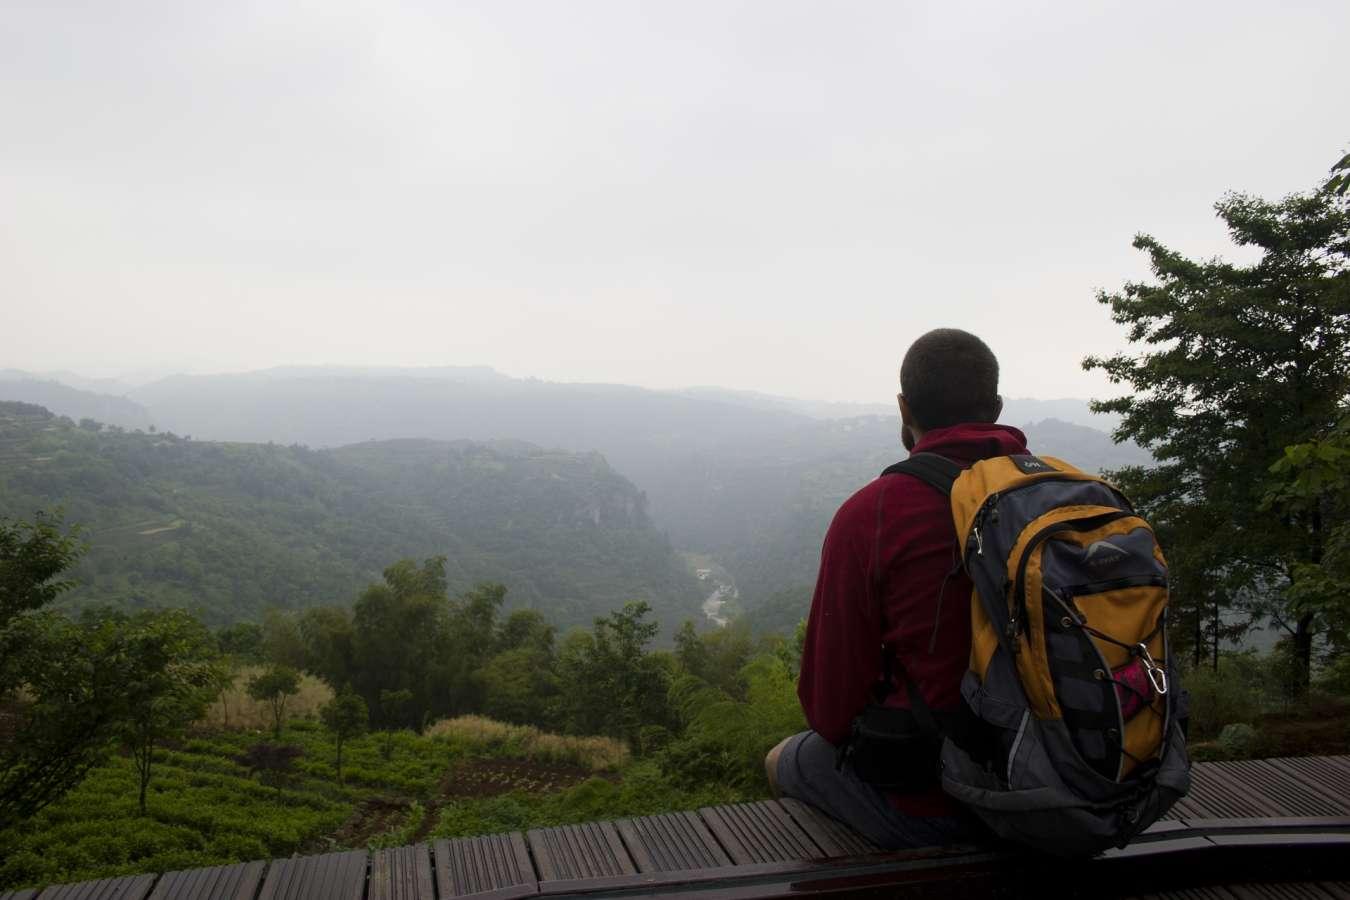 Xinchang Peaks, China